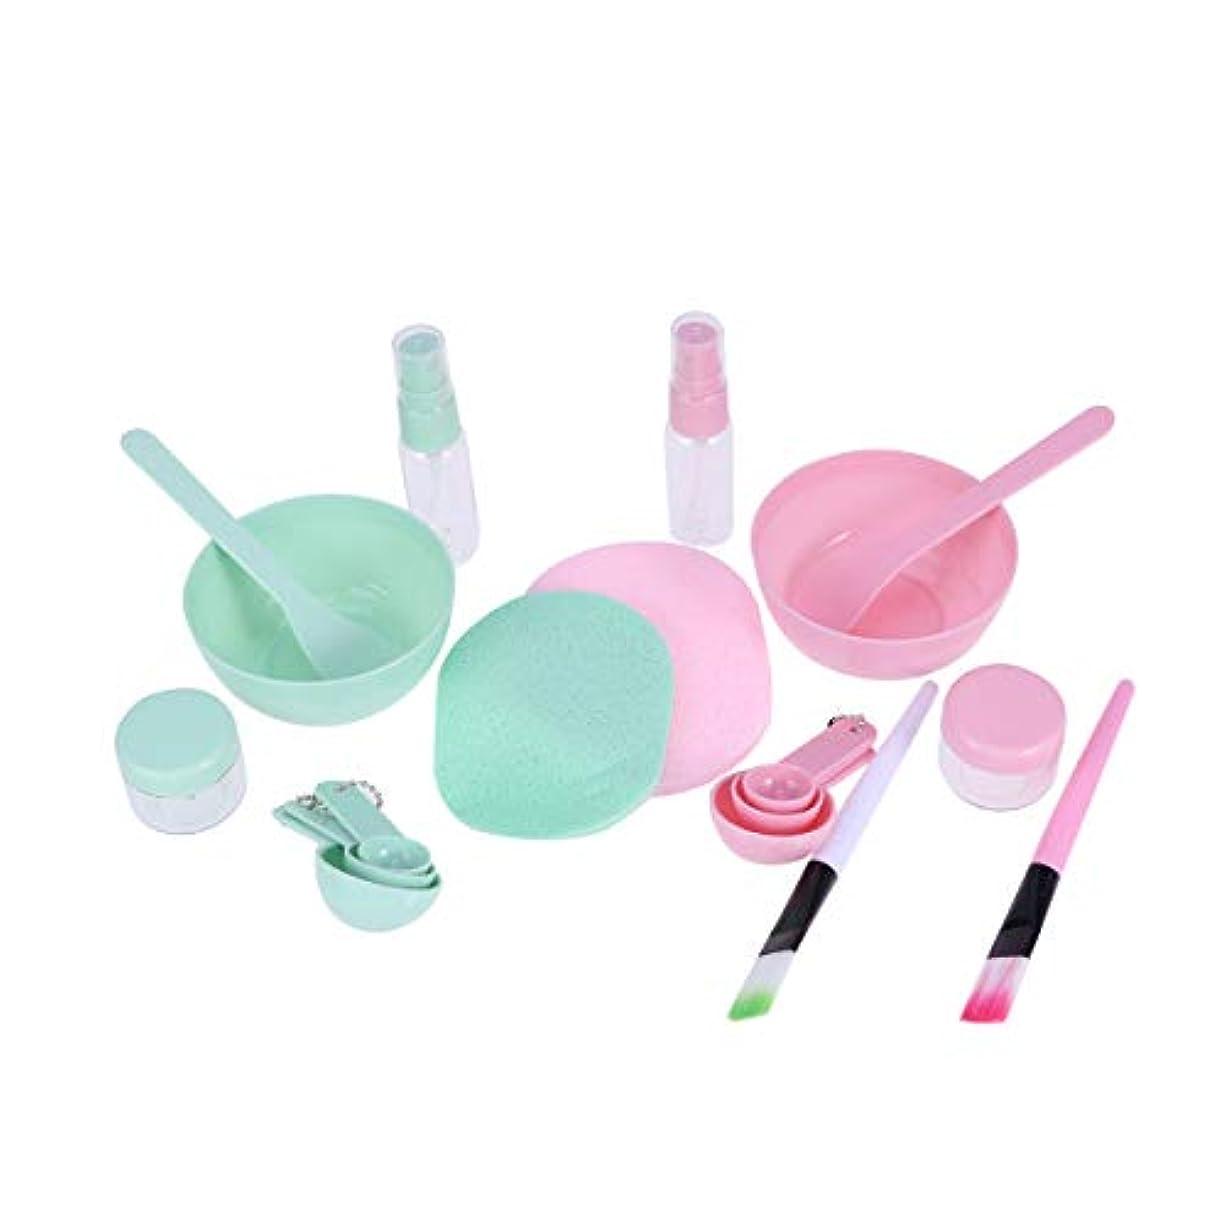 持っている長々と有効なLurrose 2セット/ 9個DIYフェイスマスクミキシングボウルセットフェイスマスクミキシングツールキット付きシリコンフェイスマスクブラシフェイシャルマスクボウルスティックヘラゲージパフ女性用(ピンク+グリーン)